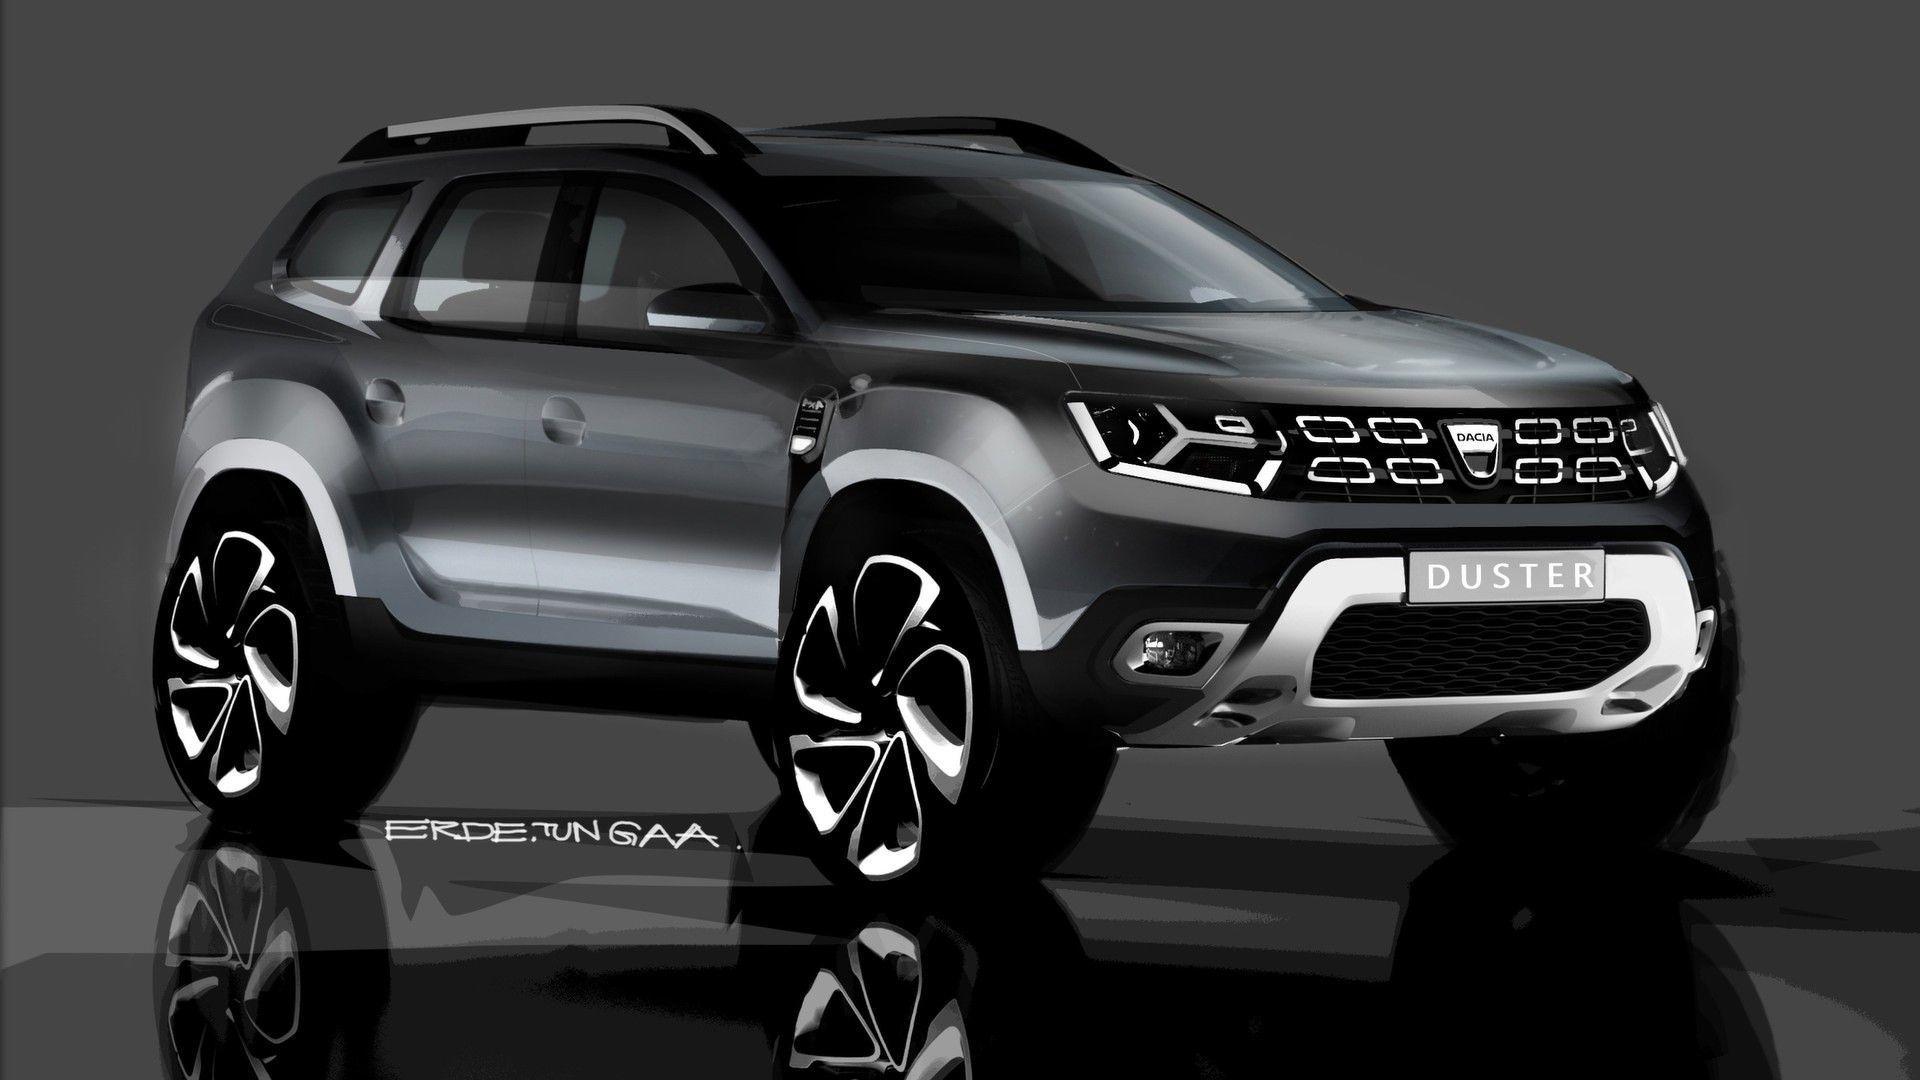 Oficial: nuevo Dacia Duster, ¡primeras imágenes!